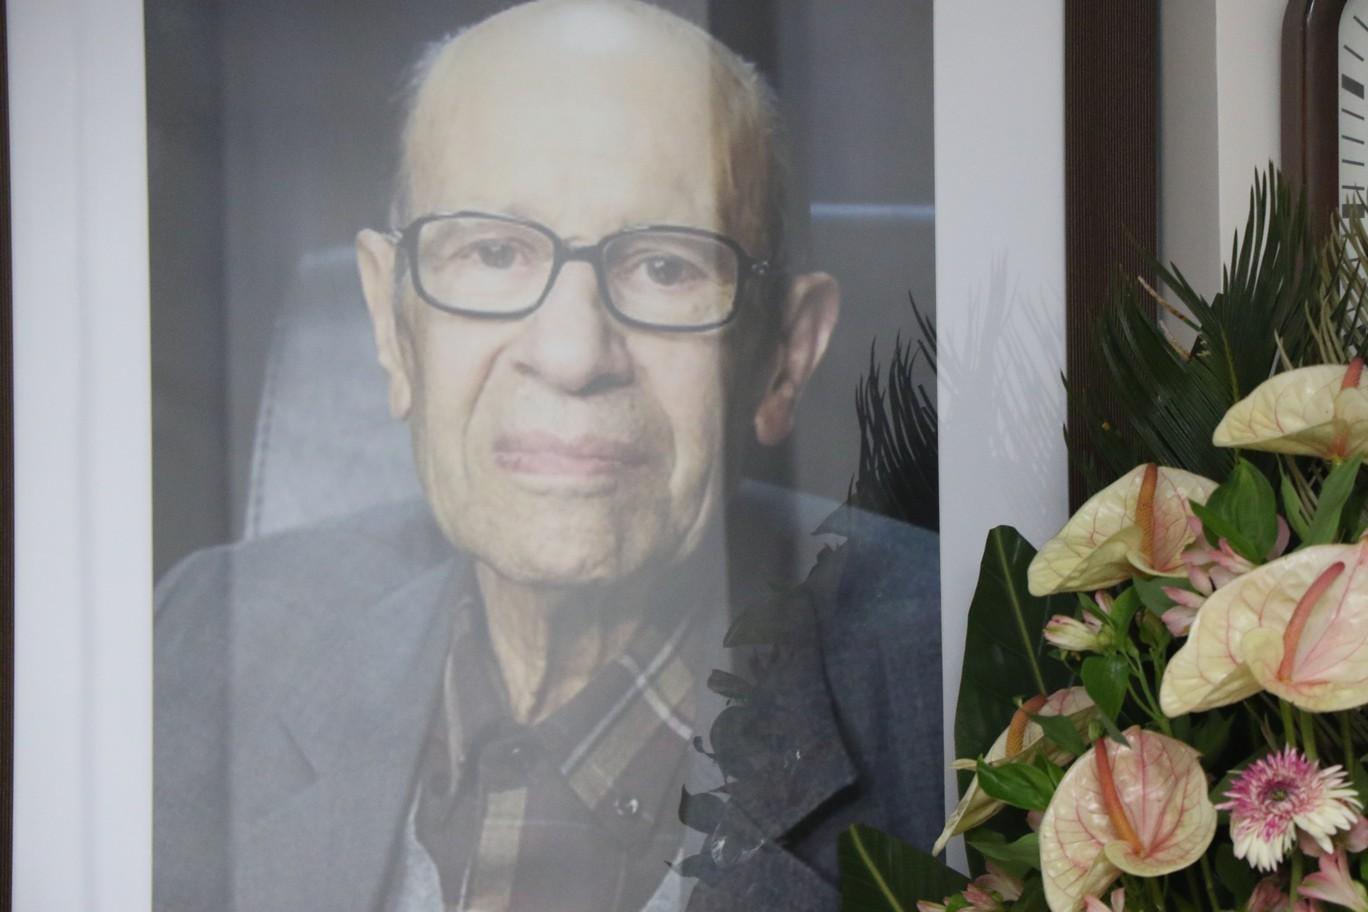 دومین سالگرد درگذشت مرحوم استاد یلدا در شب یلدا برگزار شد